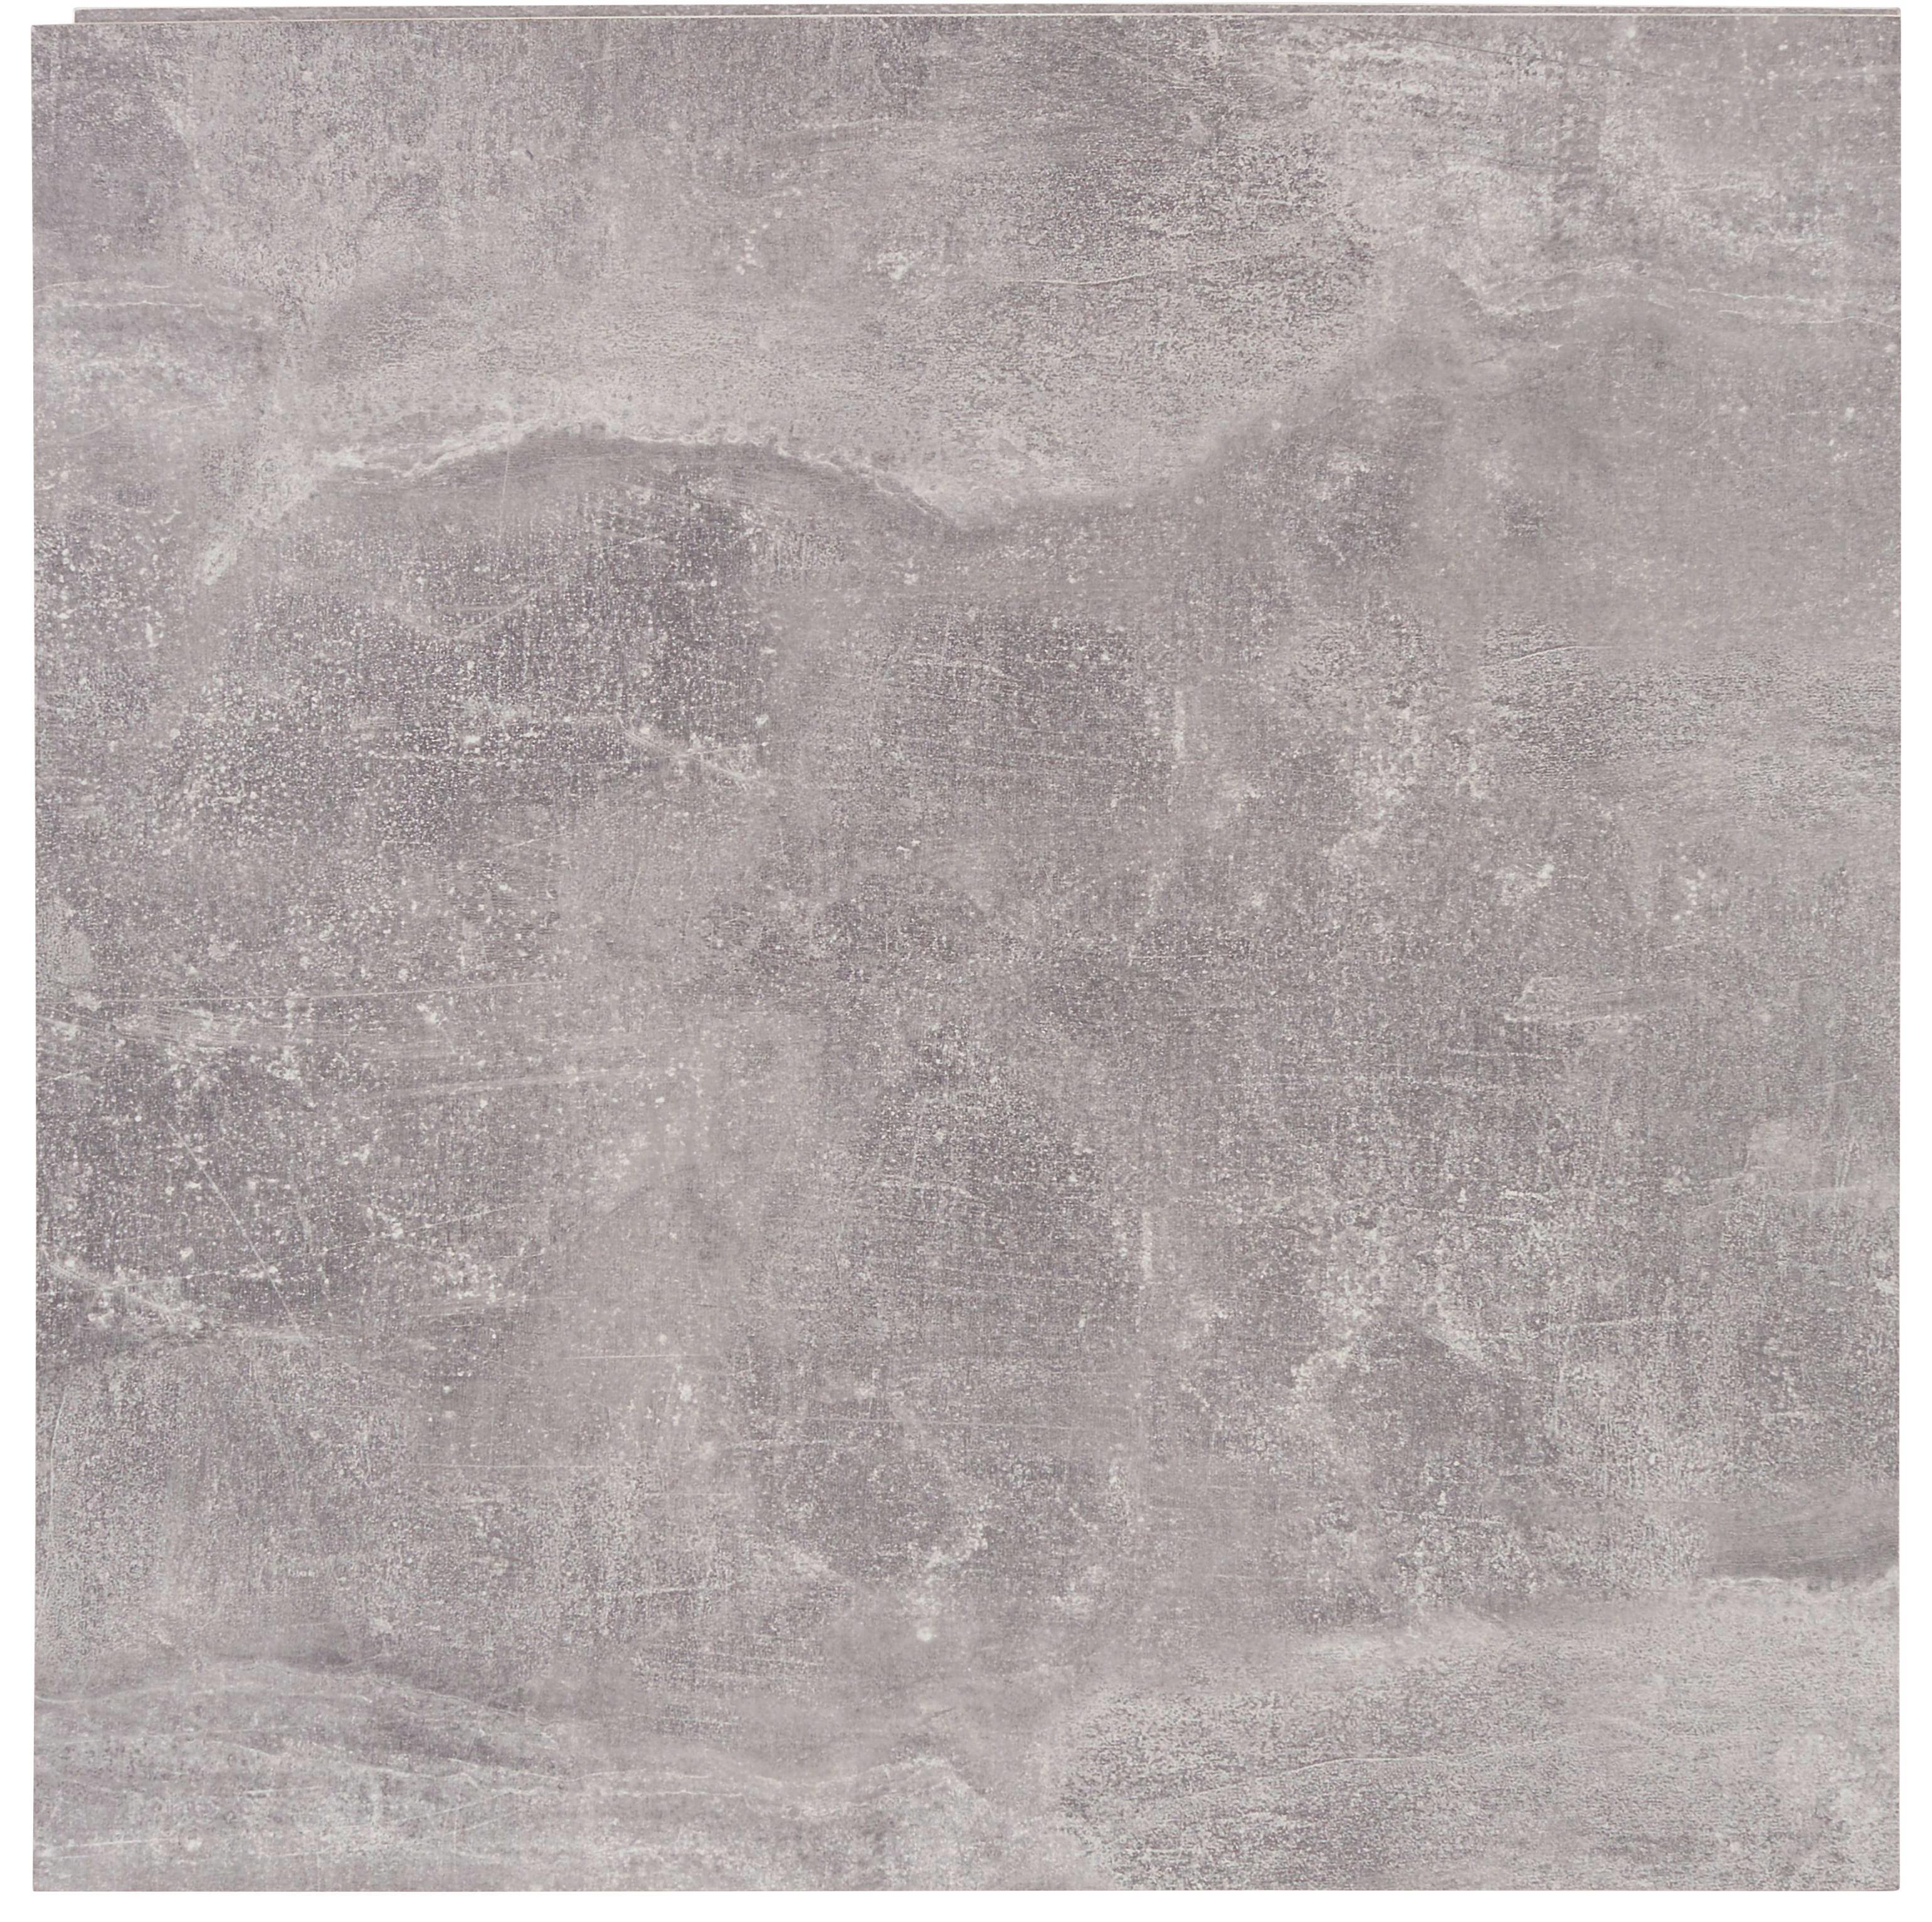 Regál Nástěnný Geno Ger01 - šedá, Moderní, dřevěný materiál (50/51/28cm)